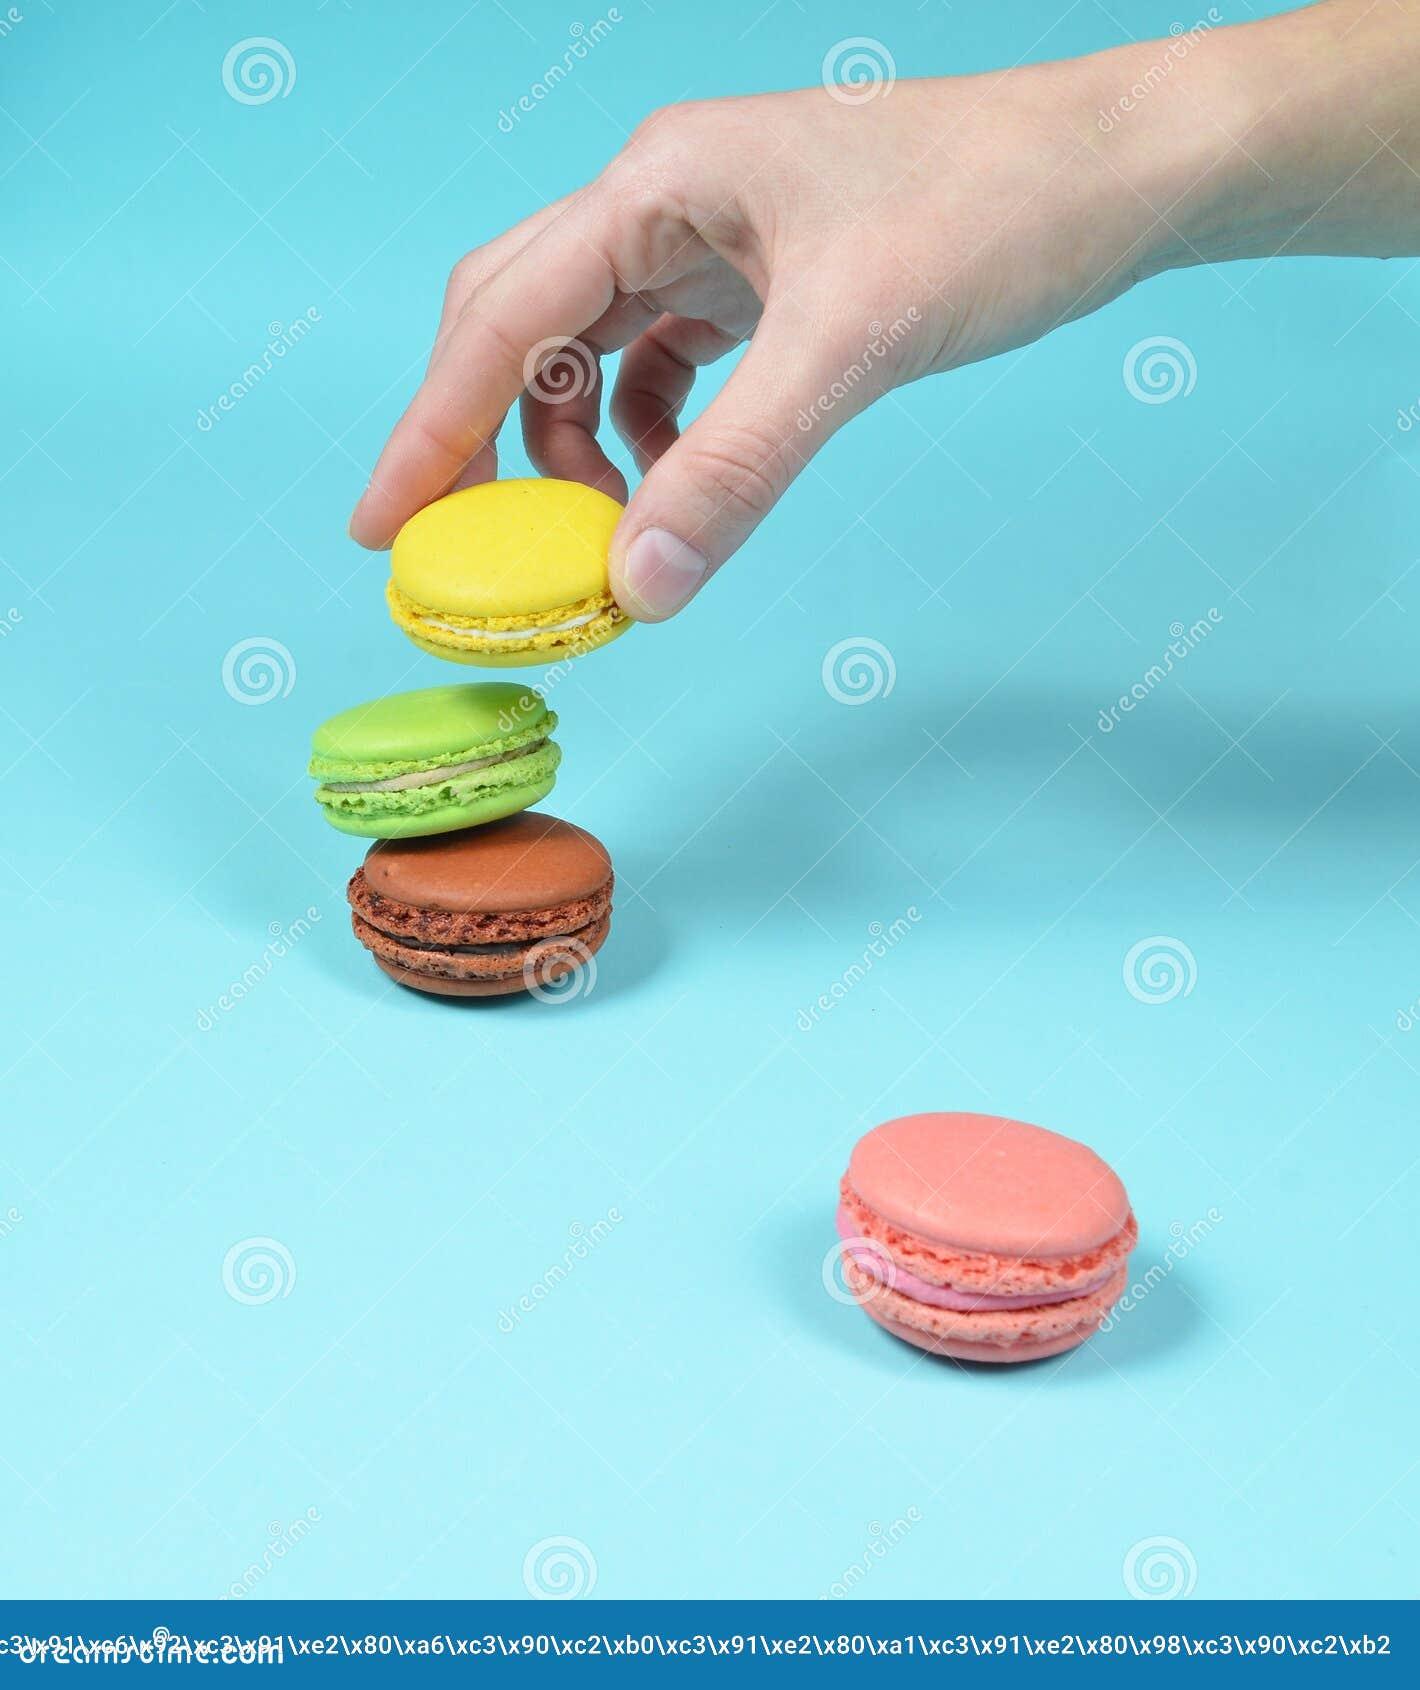 La main femelle abaisse les biscuits jaunes de macarons Une pile de macarons colorés sur un fond en pastel bleu minimalisme